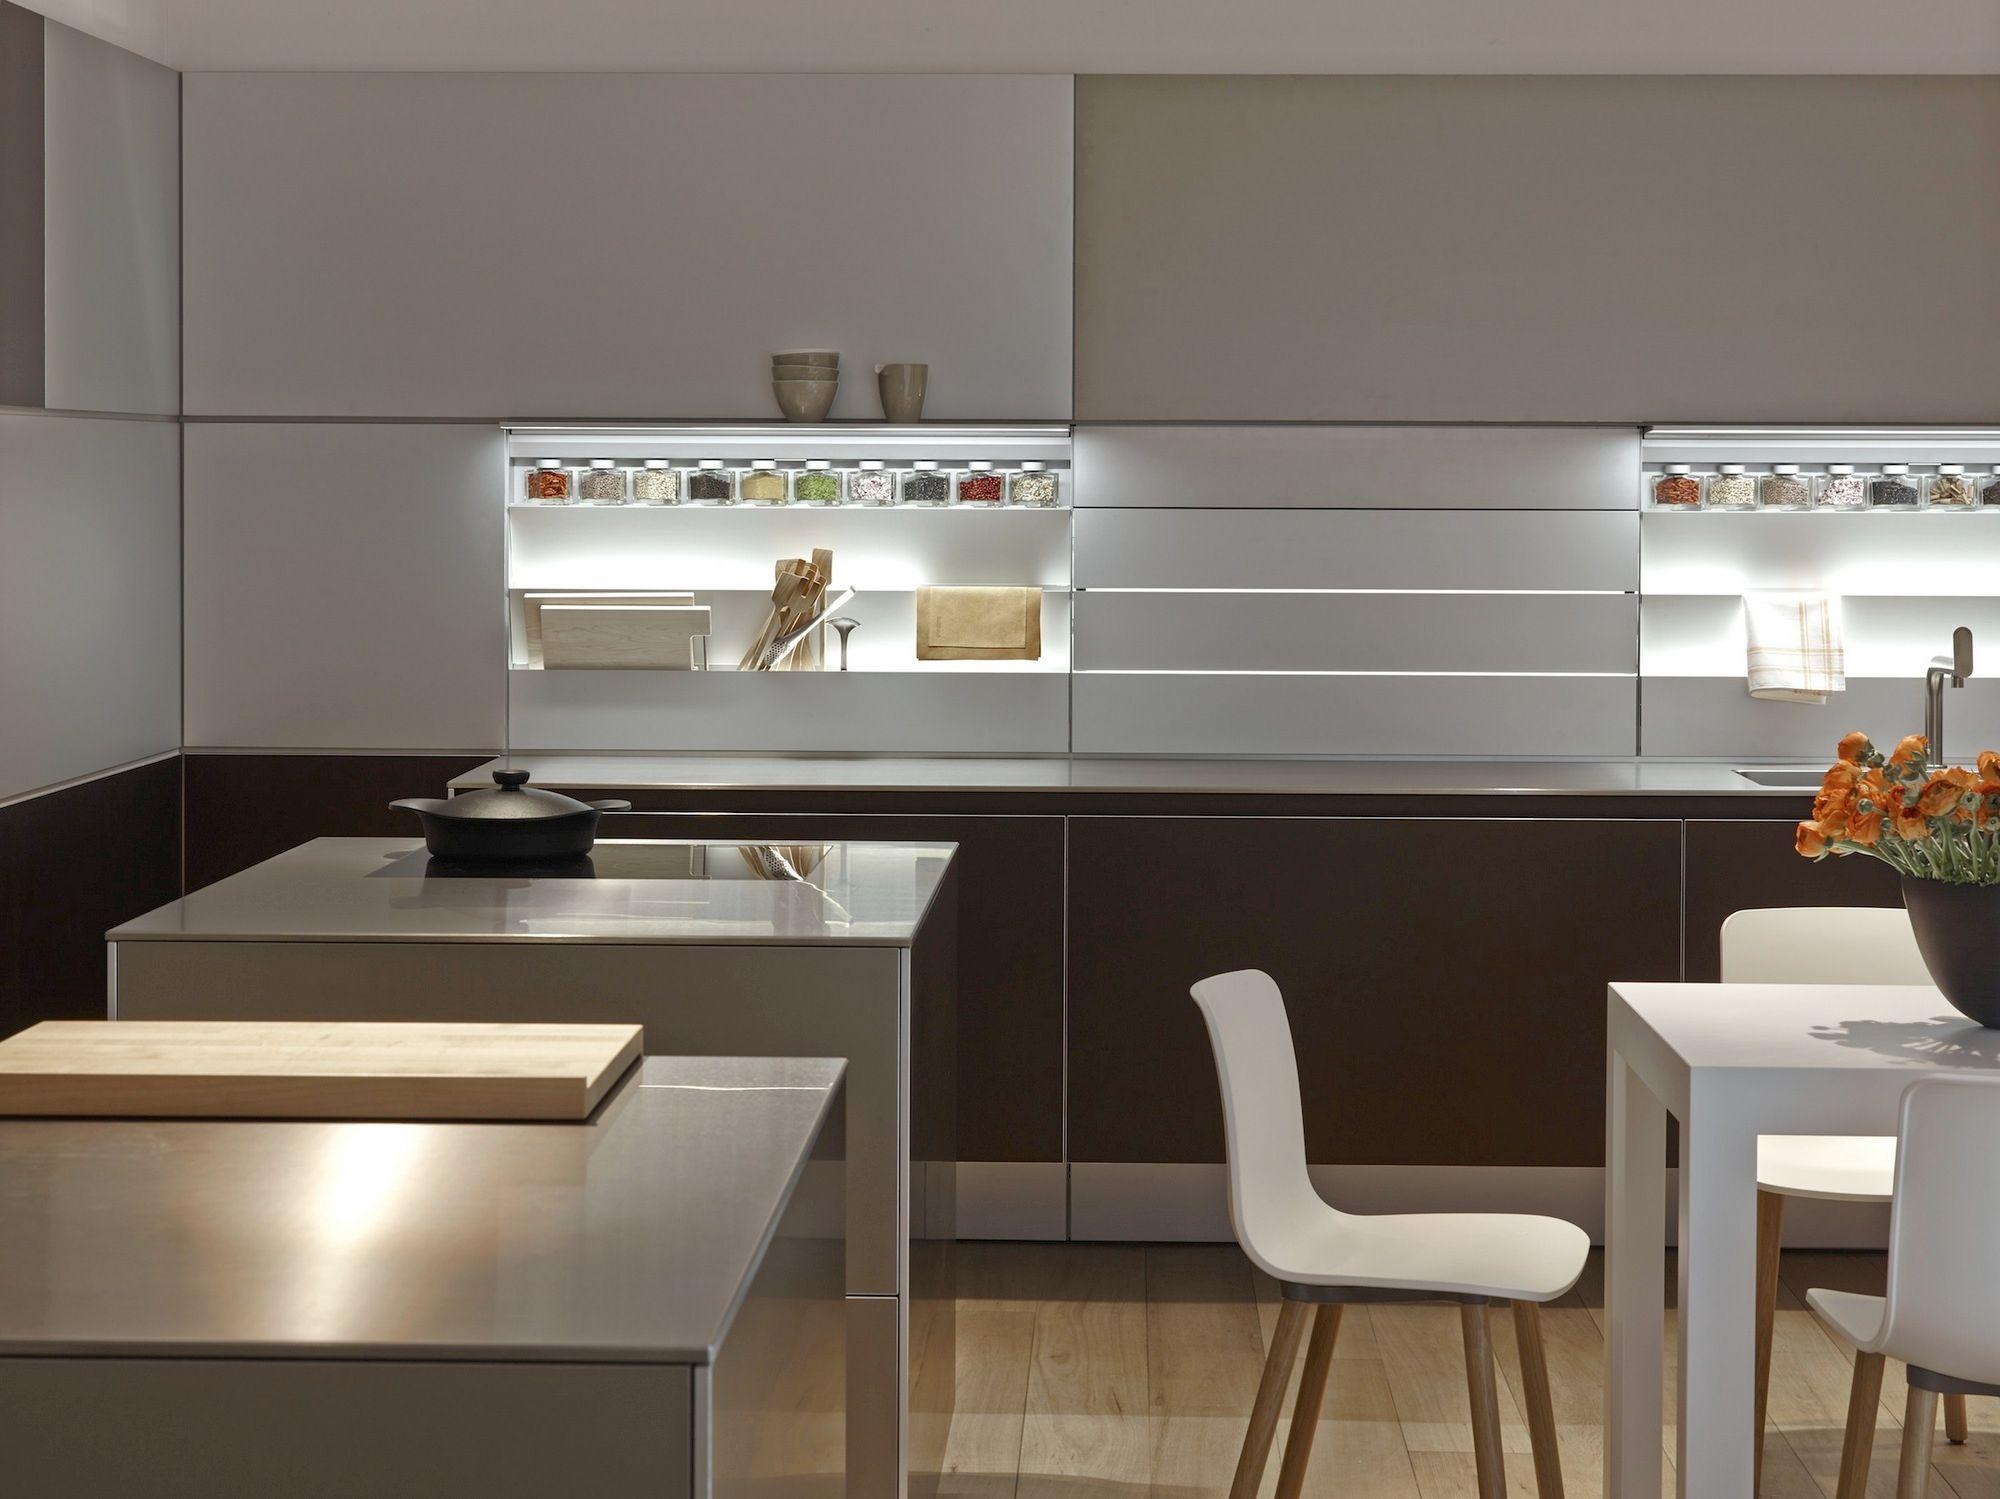 B3 cucina in alluminio by bulthaup for Bulthaup cuisine